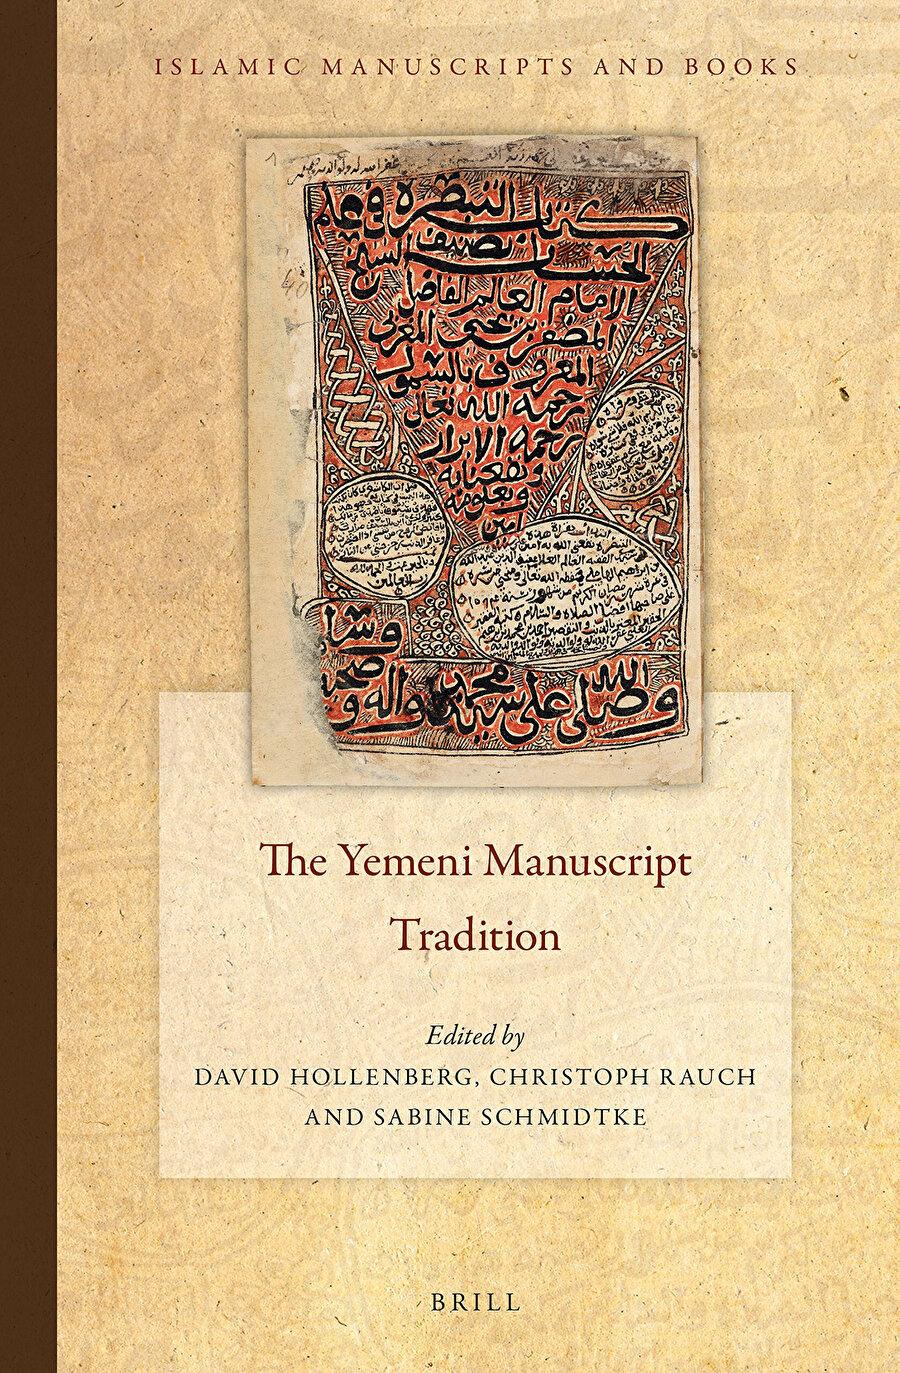 Yemen'de bulunan İslam öncesi ve İslam sonrası erken döneme ait el yazmaları, bunları kendi kültür hazinesine kazandırmak isteyen devletler ve medeniyetler için çok büyük değer taşıyor.